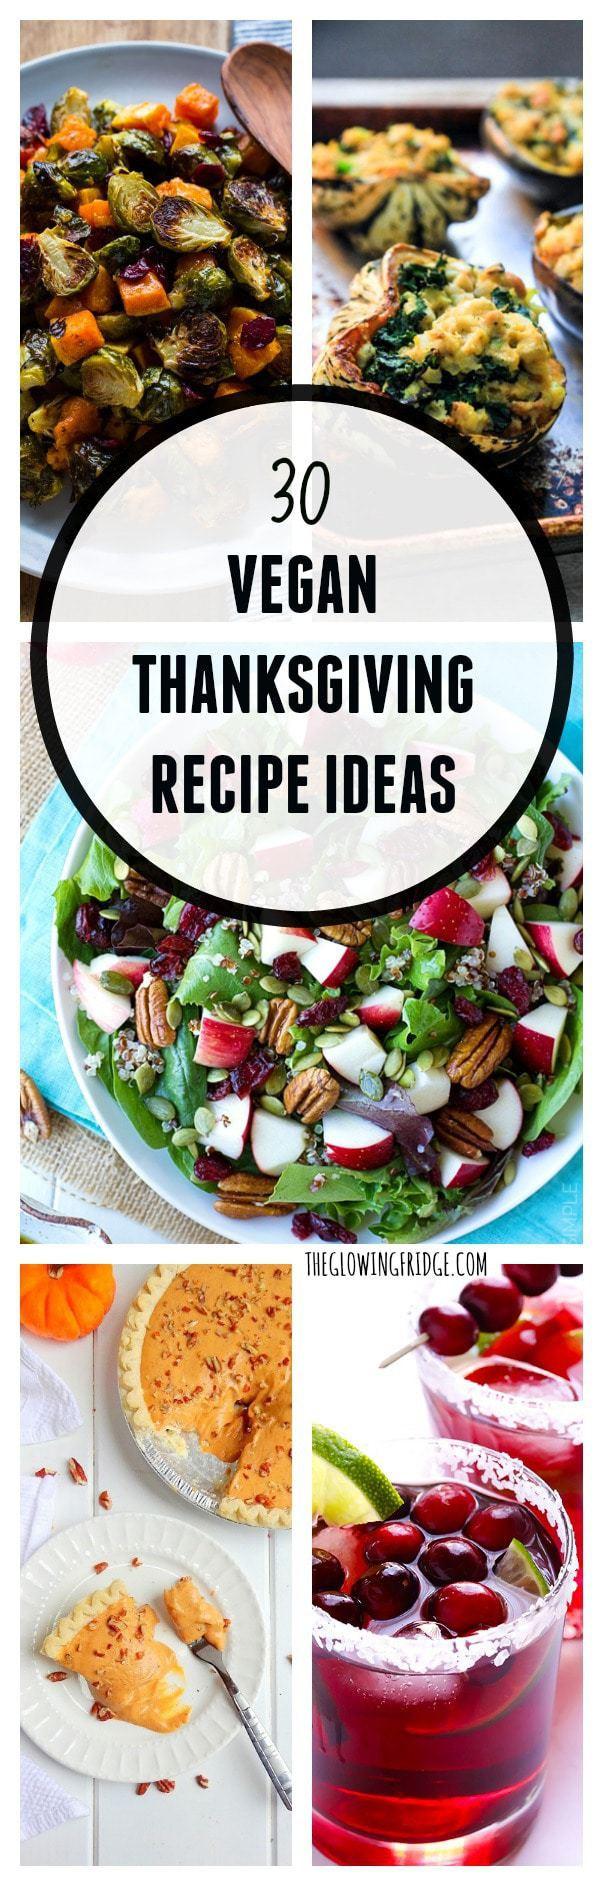 Vegan Thanksgiving Menu Ideas  30 Vegan Thanksgiving Recipe Ideas The Glowing Fridge